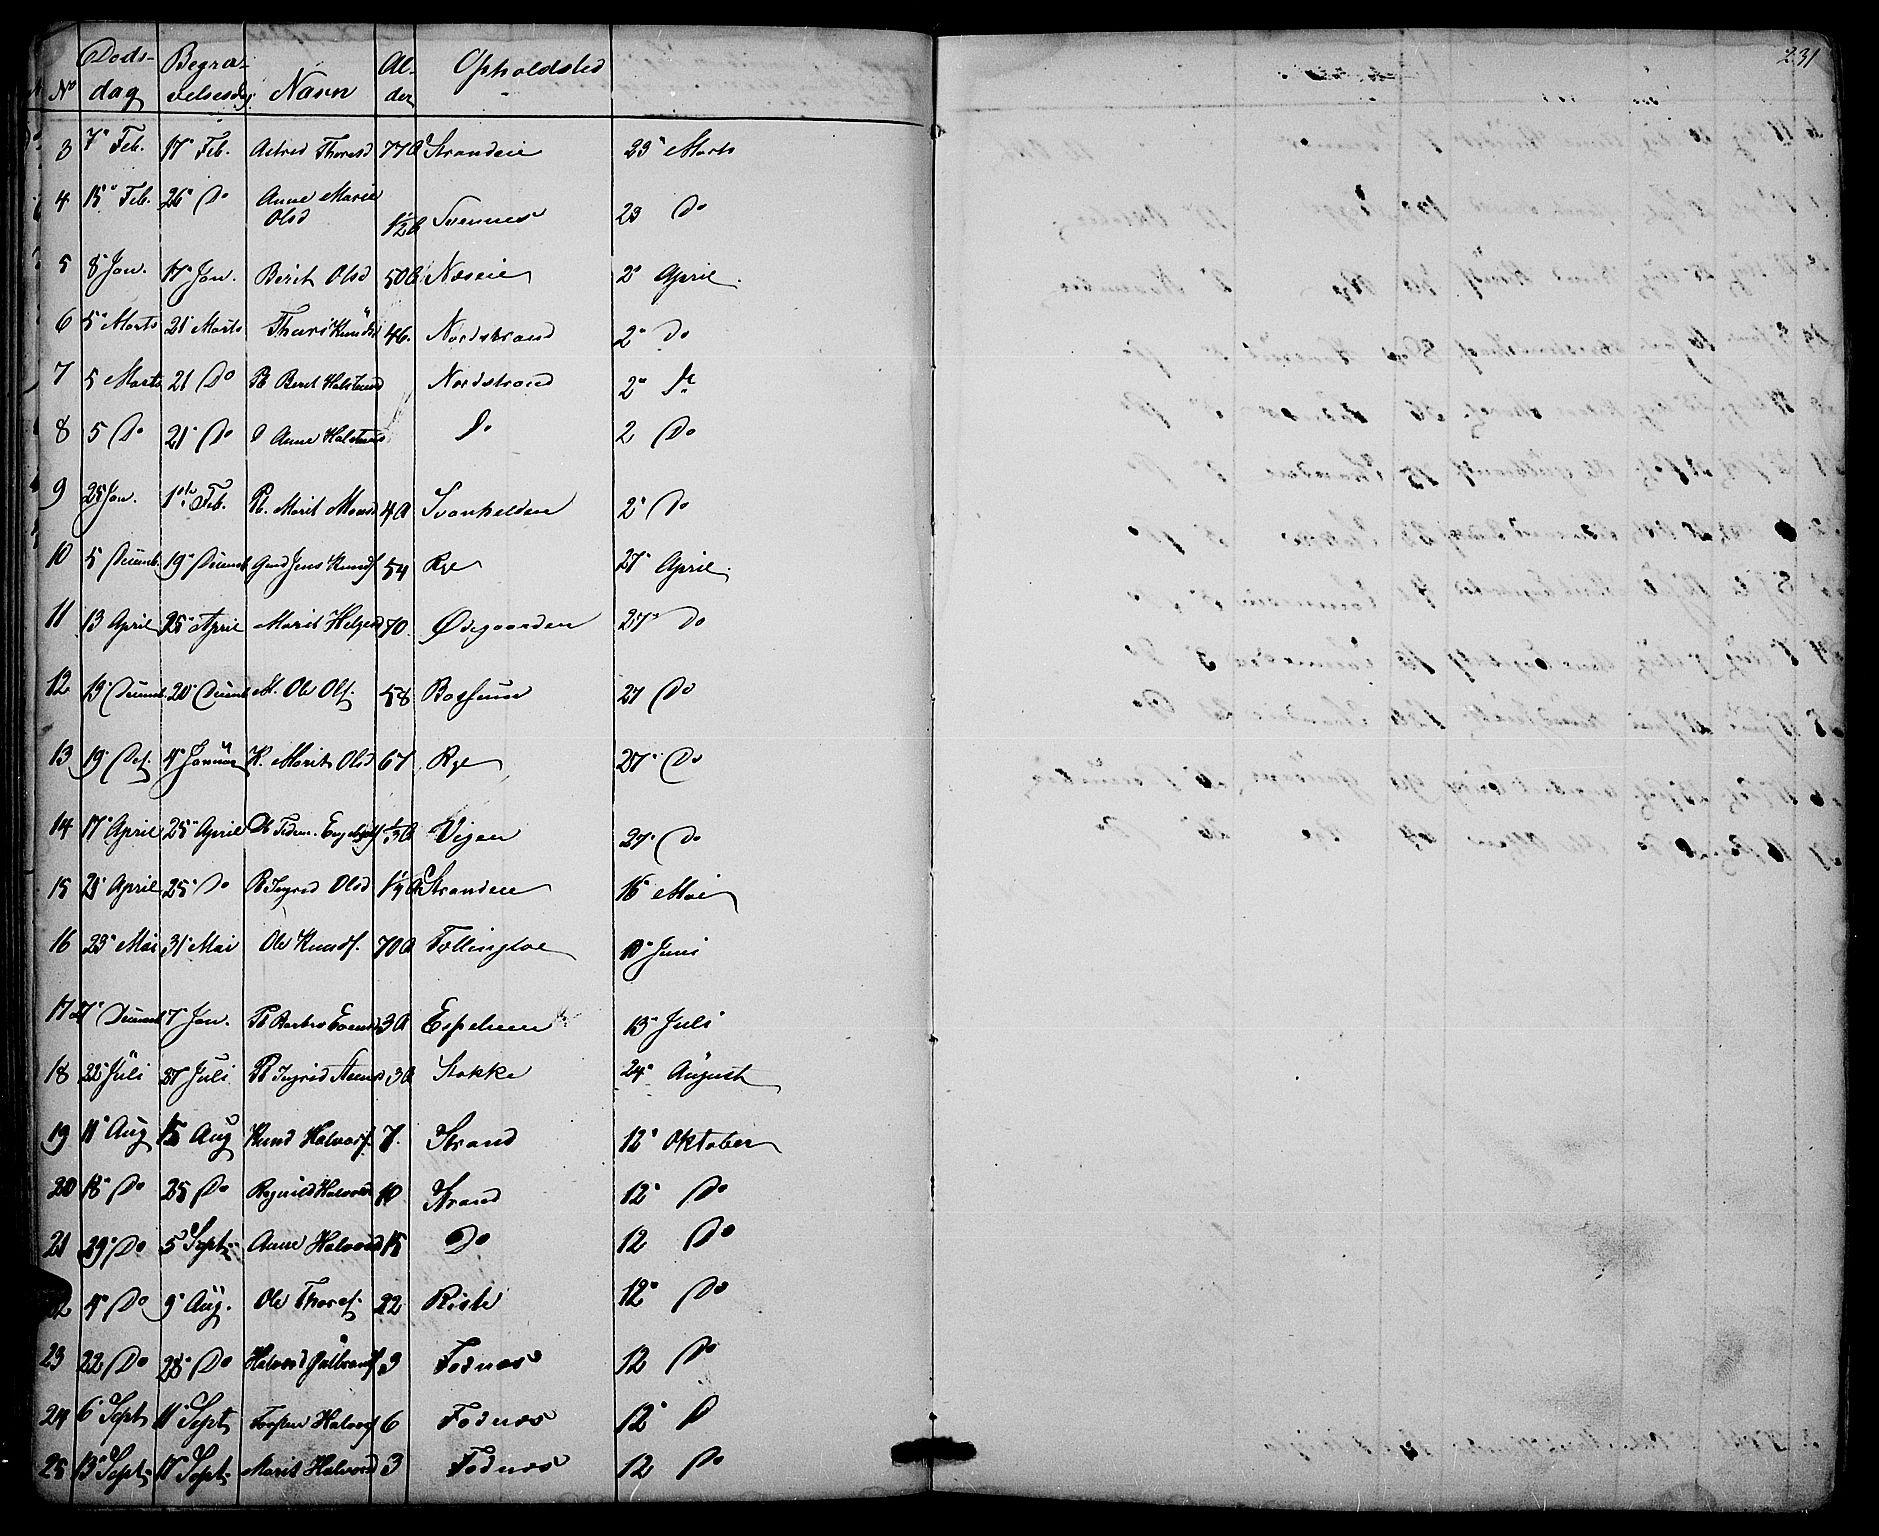 SAH, Nord-Aurdal prestekontor, Klokkerbok nr. 3, 1842-1882, s. 231